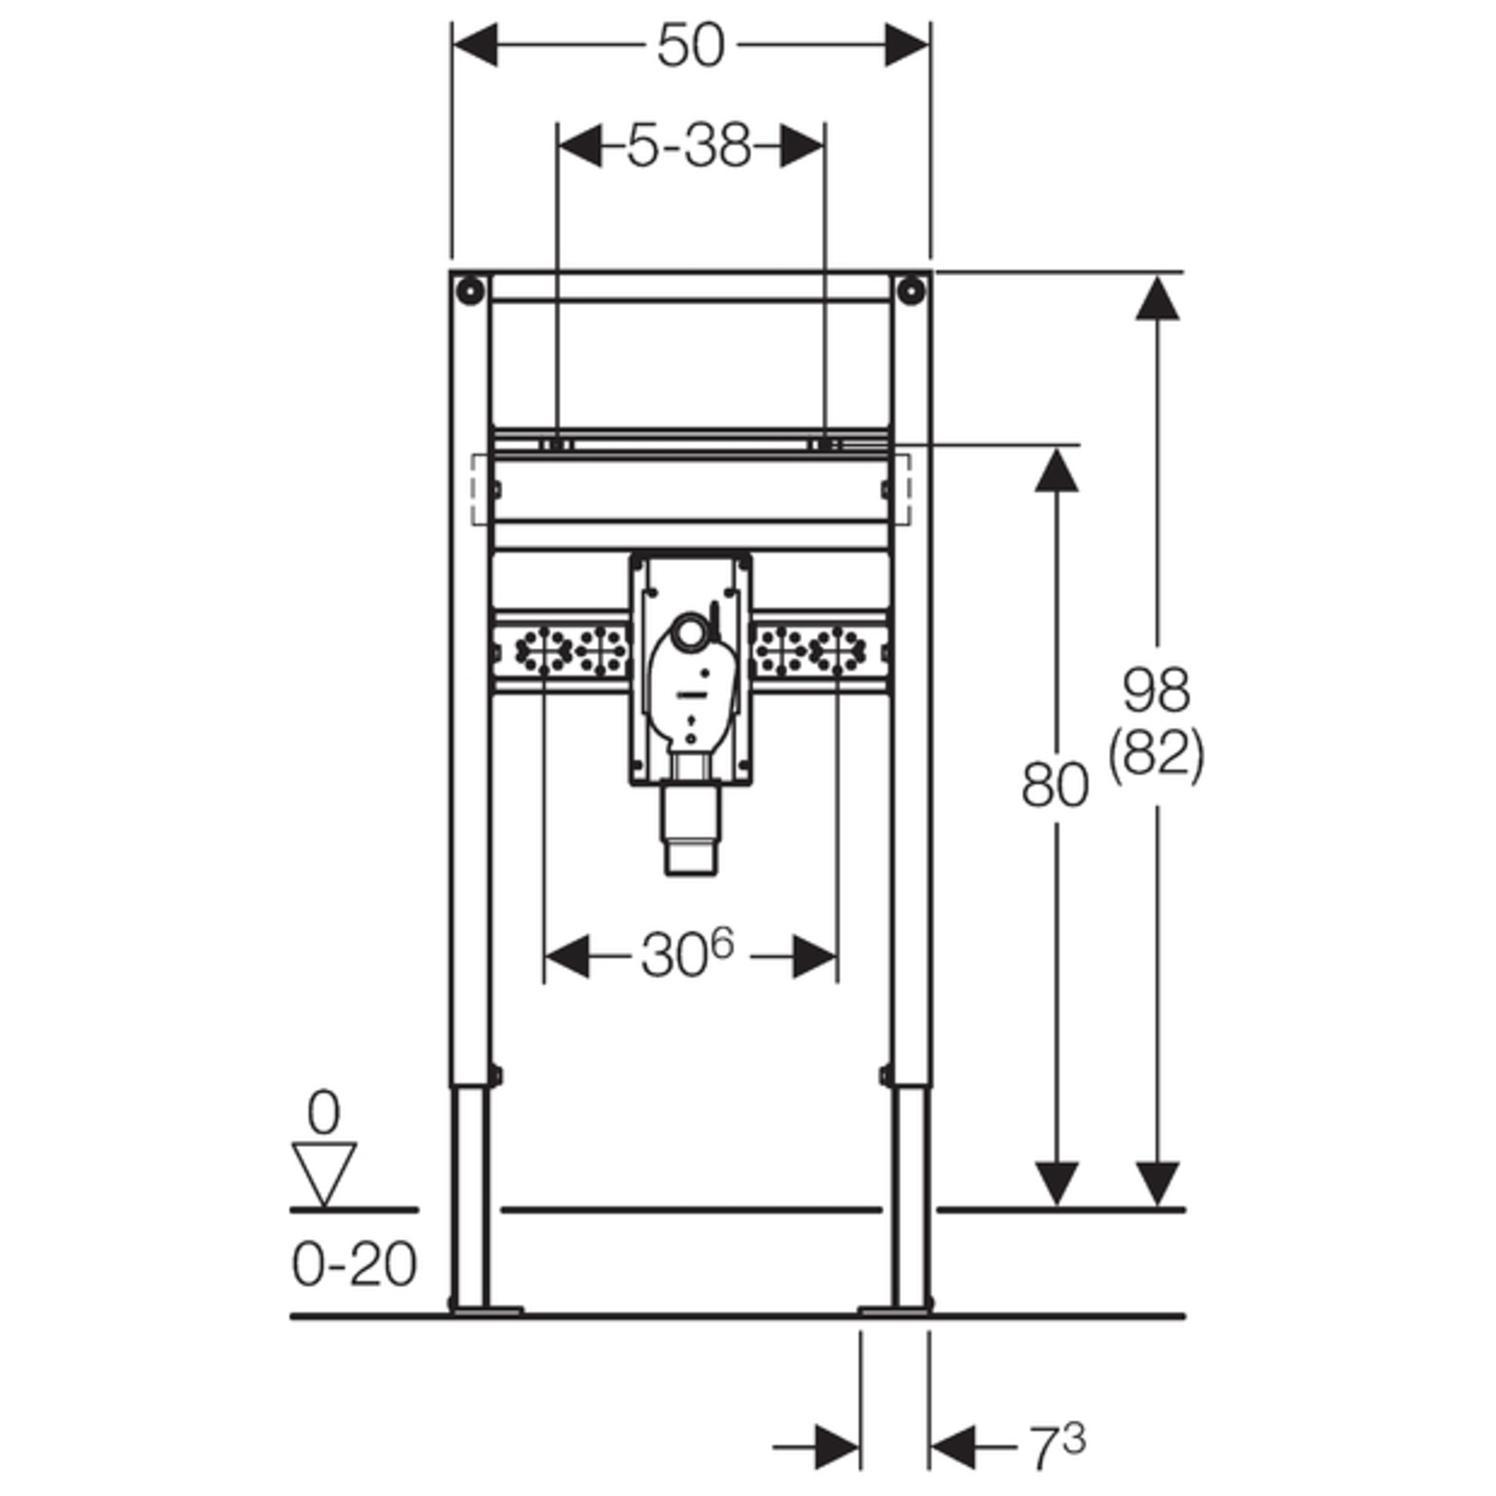 geberit duofix waschtisch element bh 820 980 mm mit up geruchsverschluss barrierefrei. Black Bedroom Furniture Sets. Home Design Ideas